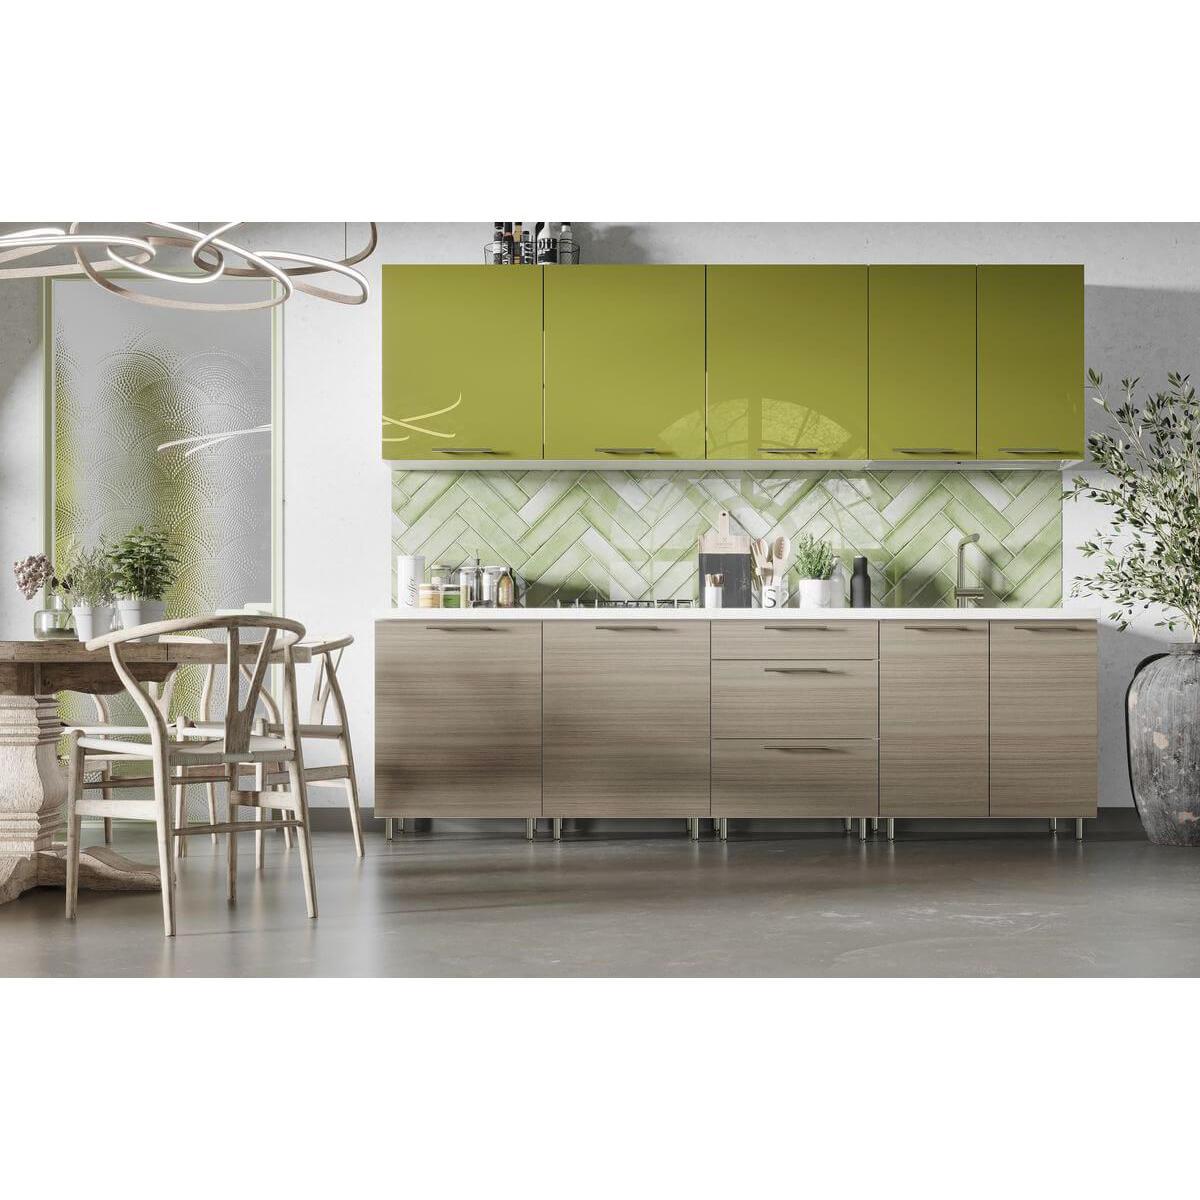 Bobochic BOBOCHIC Cuisine complète GARANCE 2,60M Vert Brillant et Bois beige